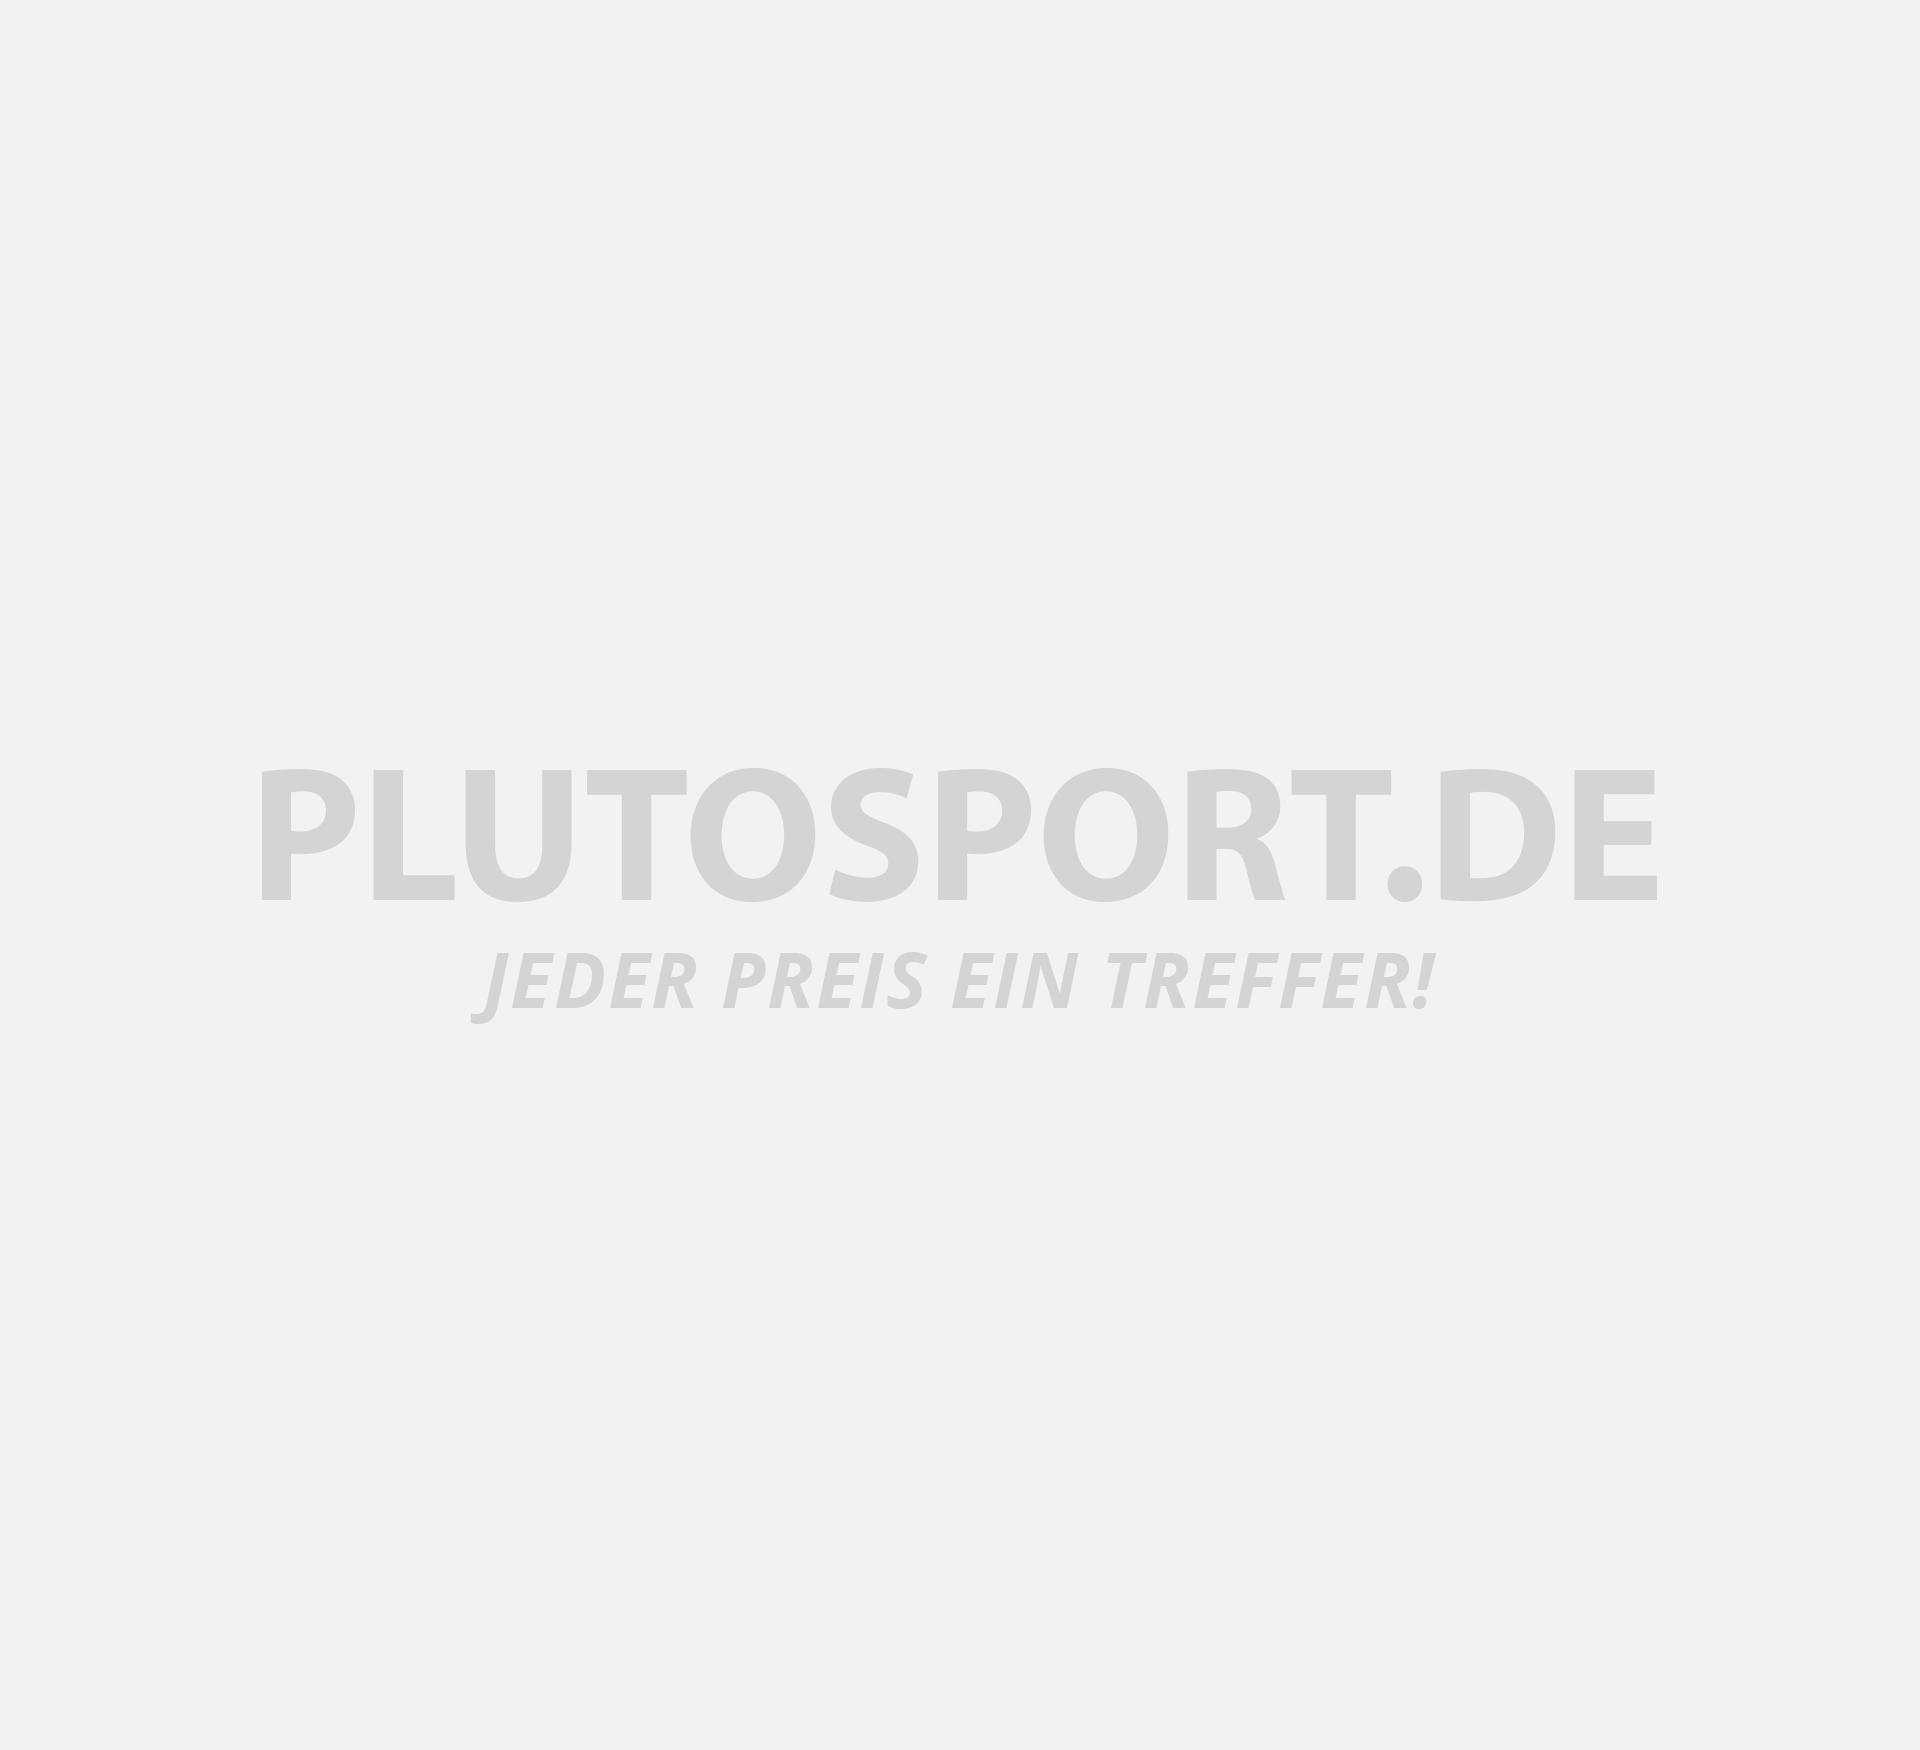 Bamboo Basics Rico Boxershorts Herren (3-pack)